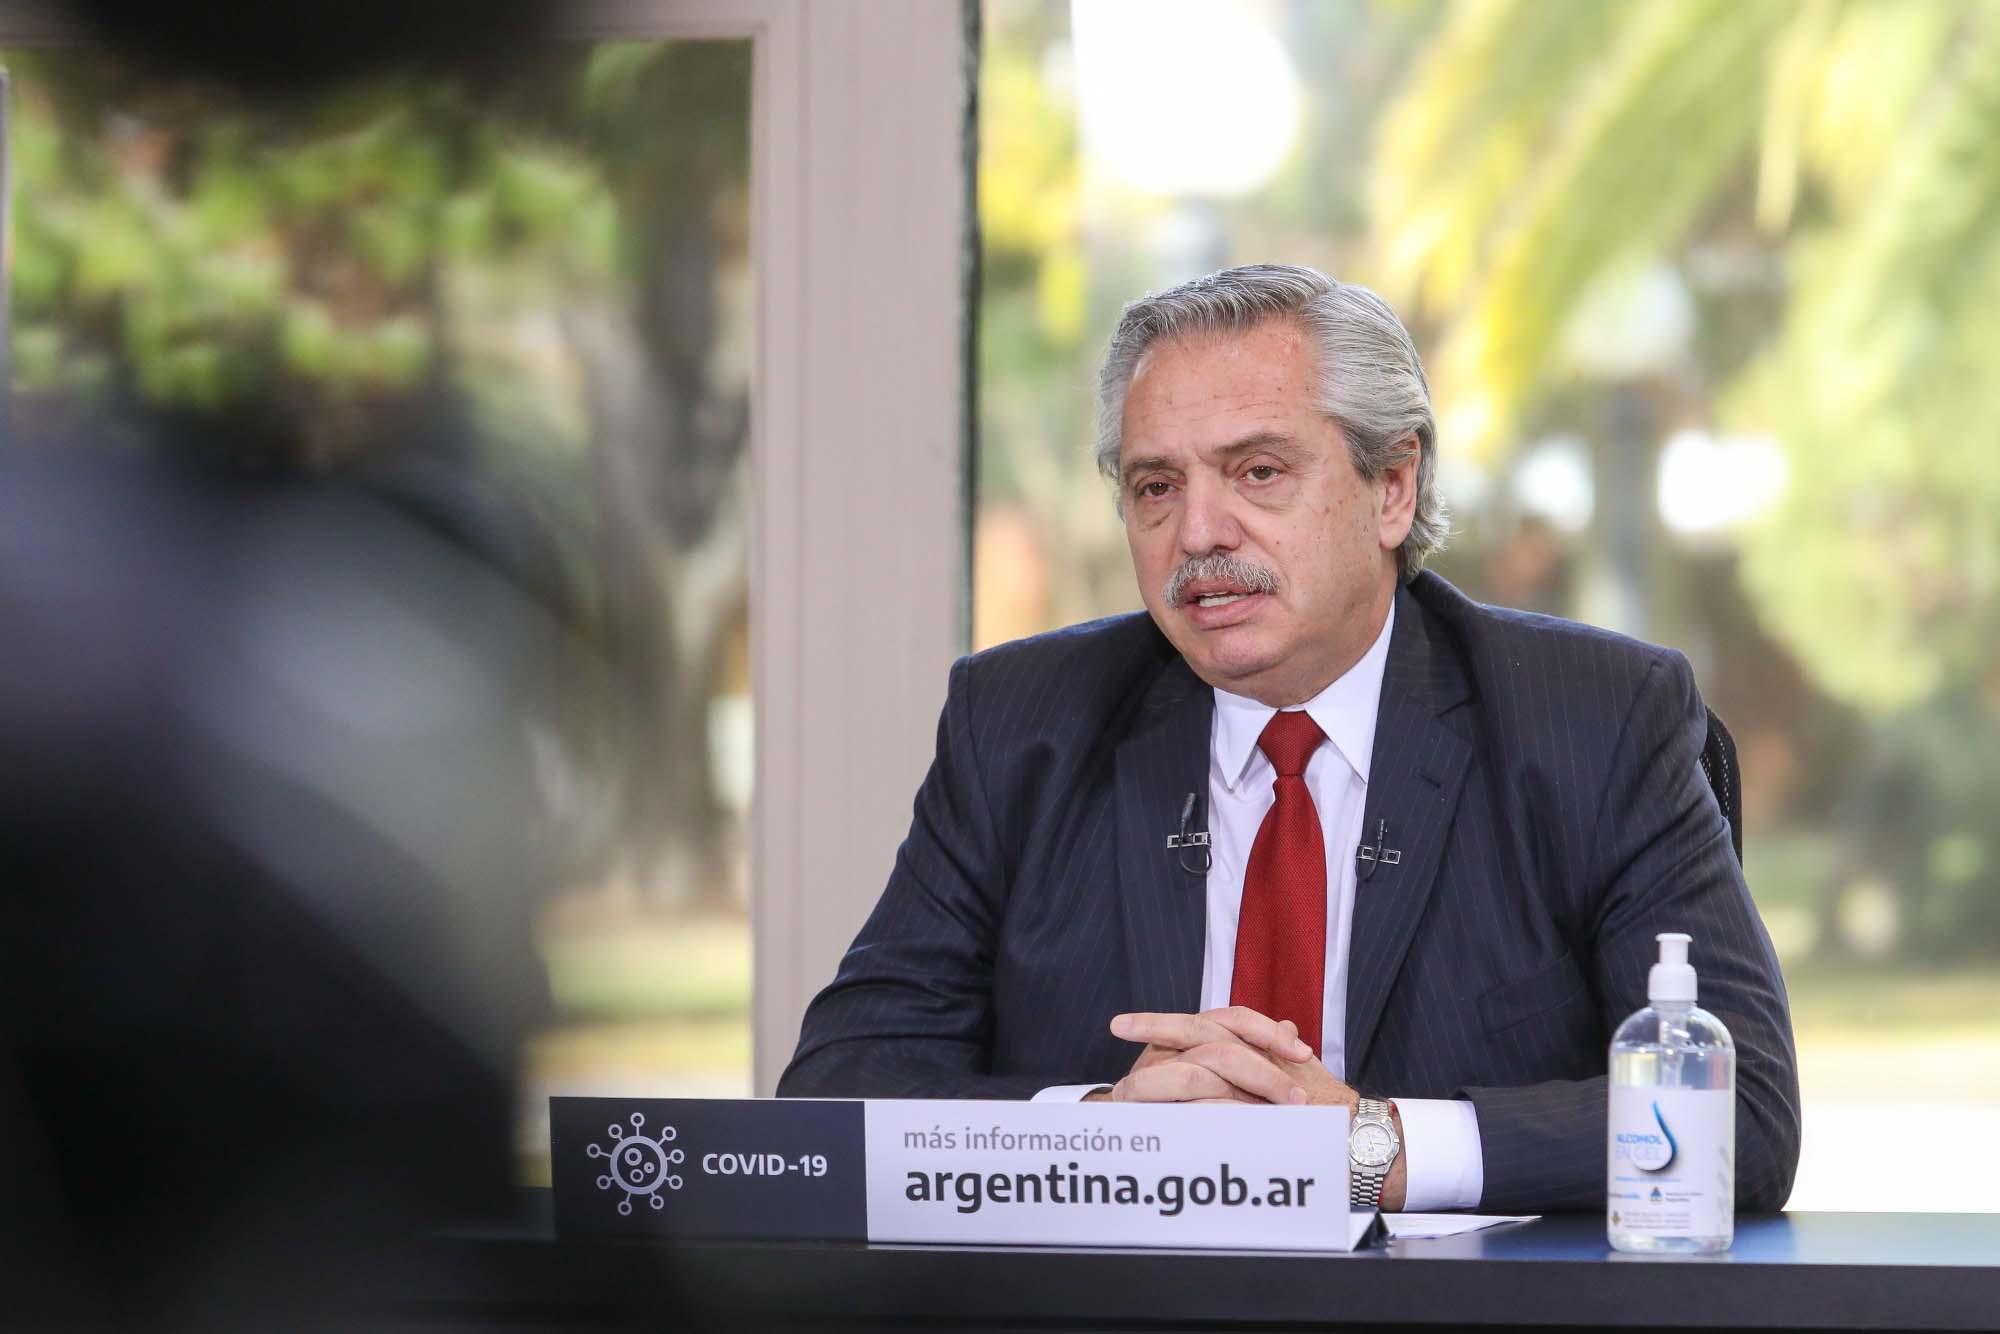 El mandatario anunció obras para Chaco, Misiones, Córdoba, La Pampa y Salta por 20 mil millones de pesos. (Télam)